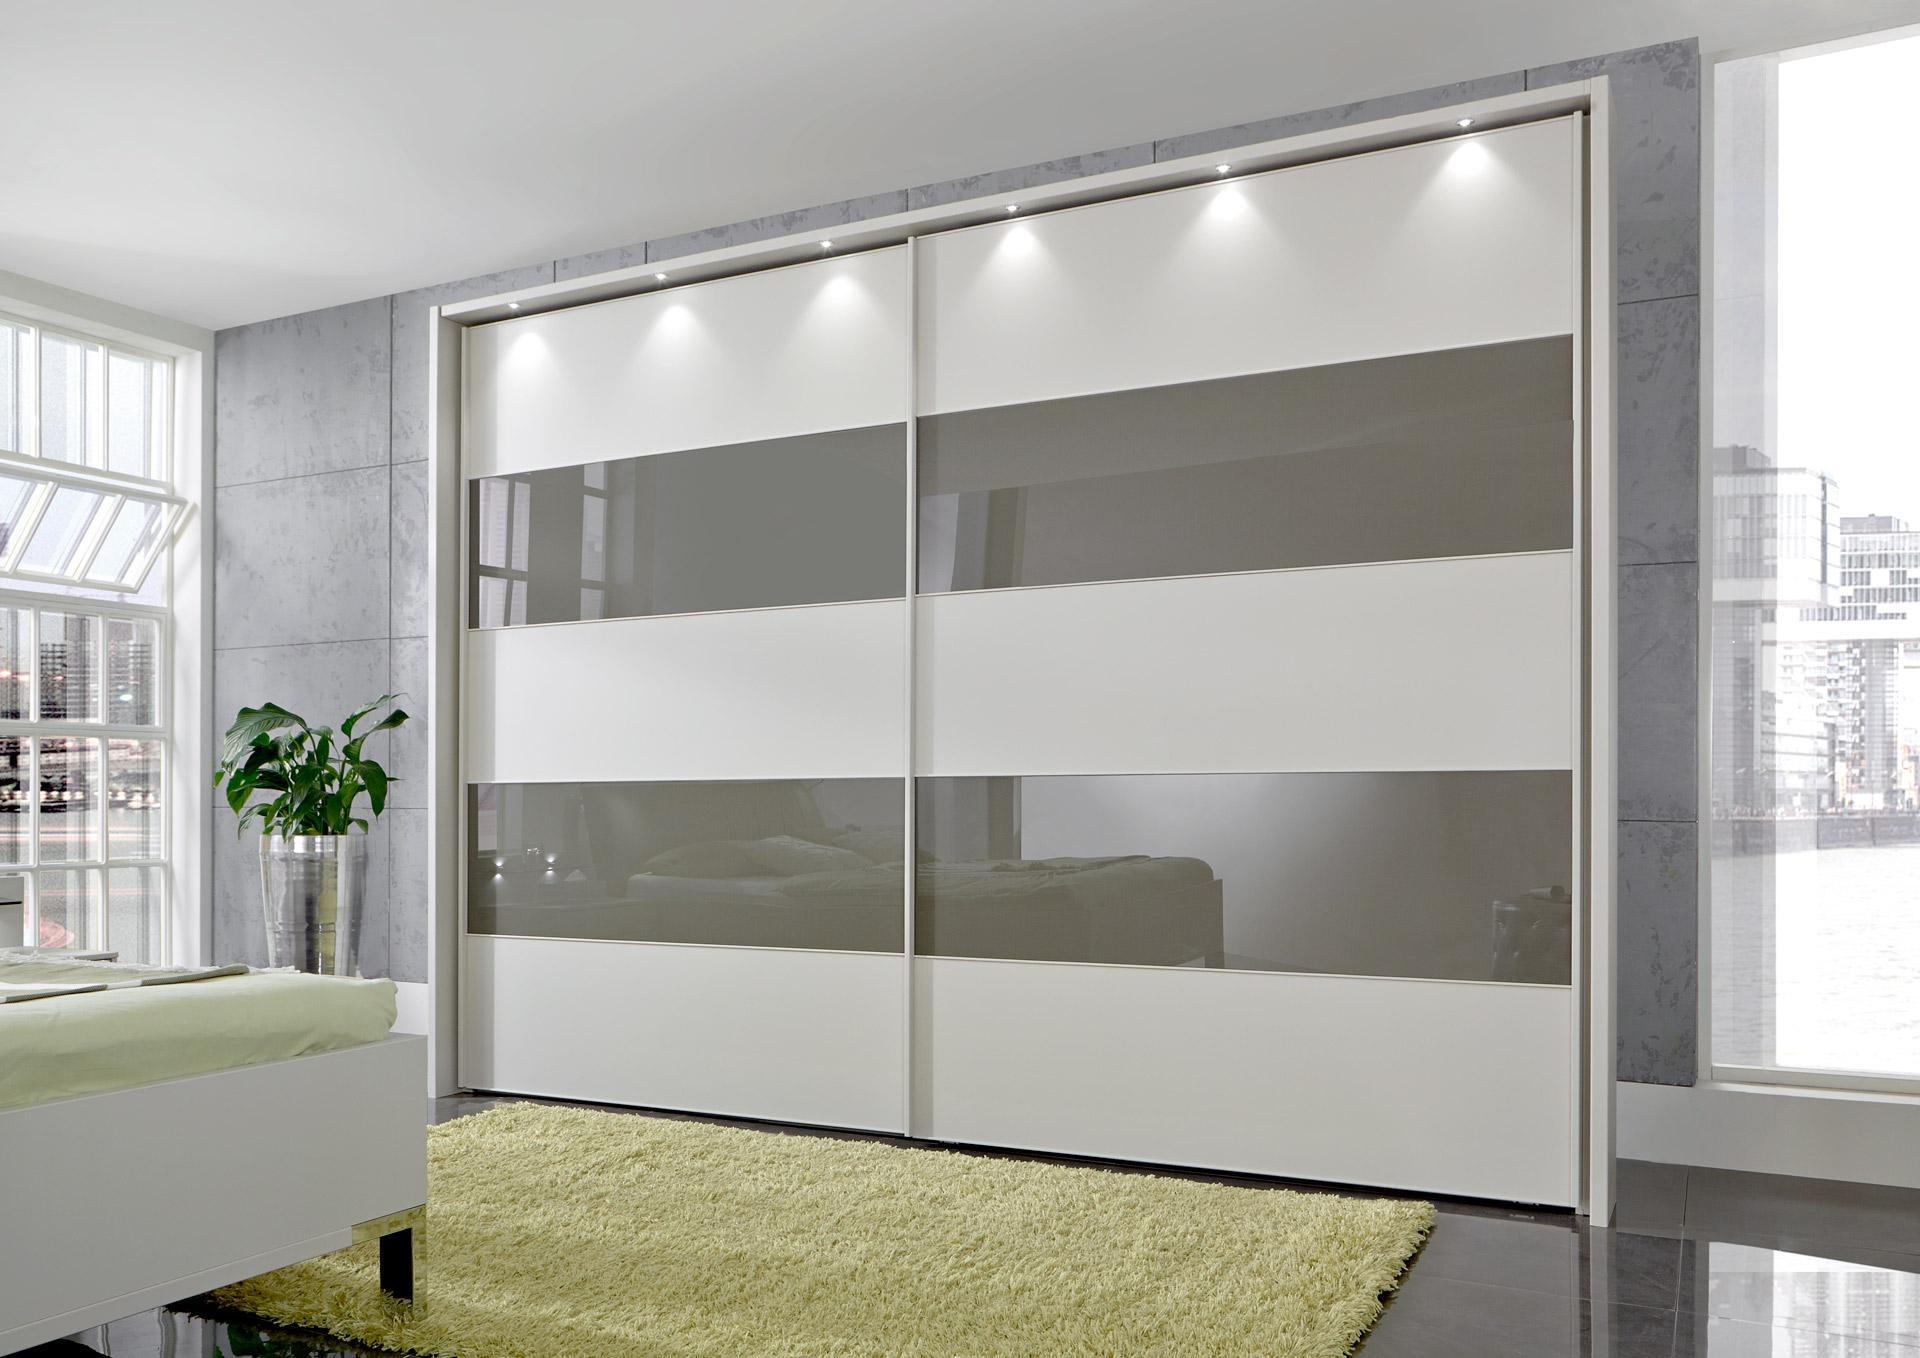 wiemann schlafzimmer loft kommode schlafzimmer ideen grau rosa wandfarbe petrol ikea stauraum. Black Bedroom Furniture Sets. Home Design Ideas